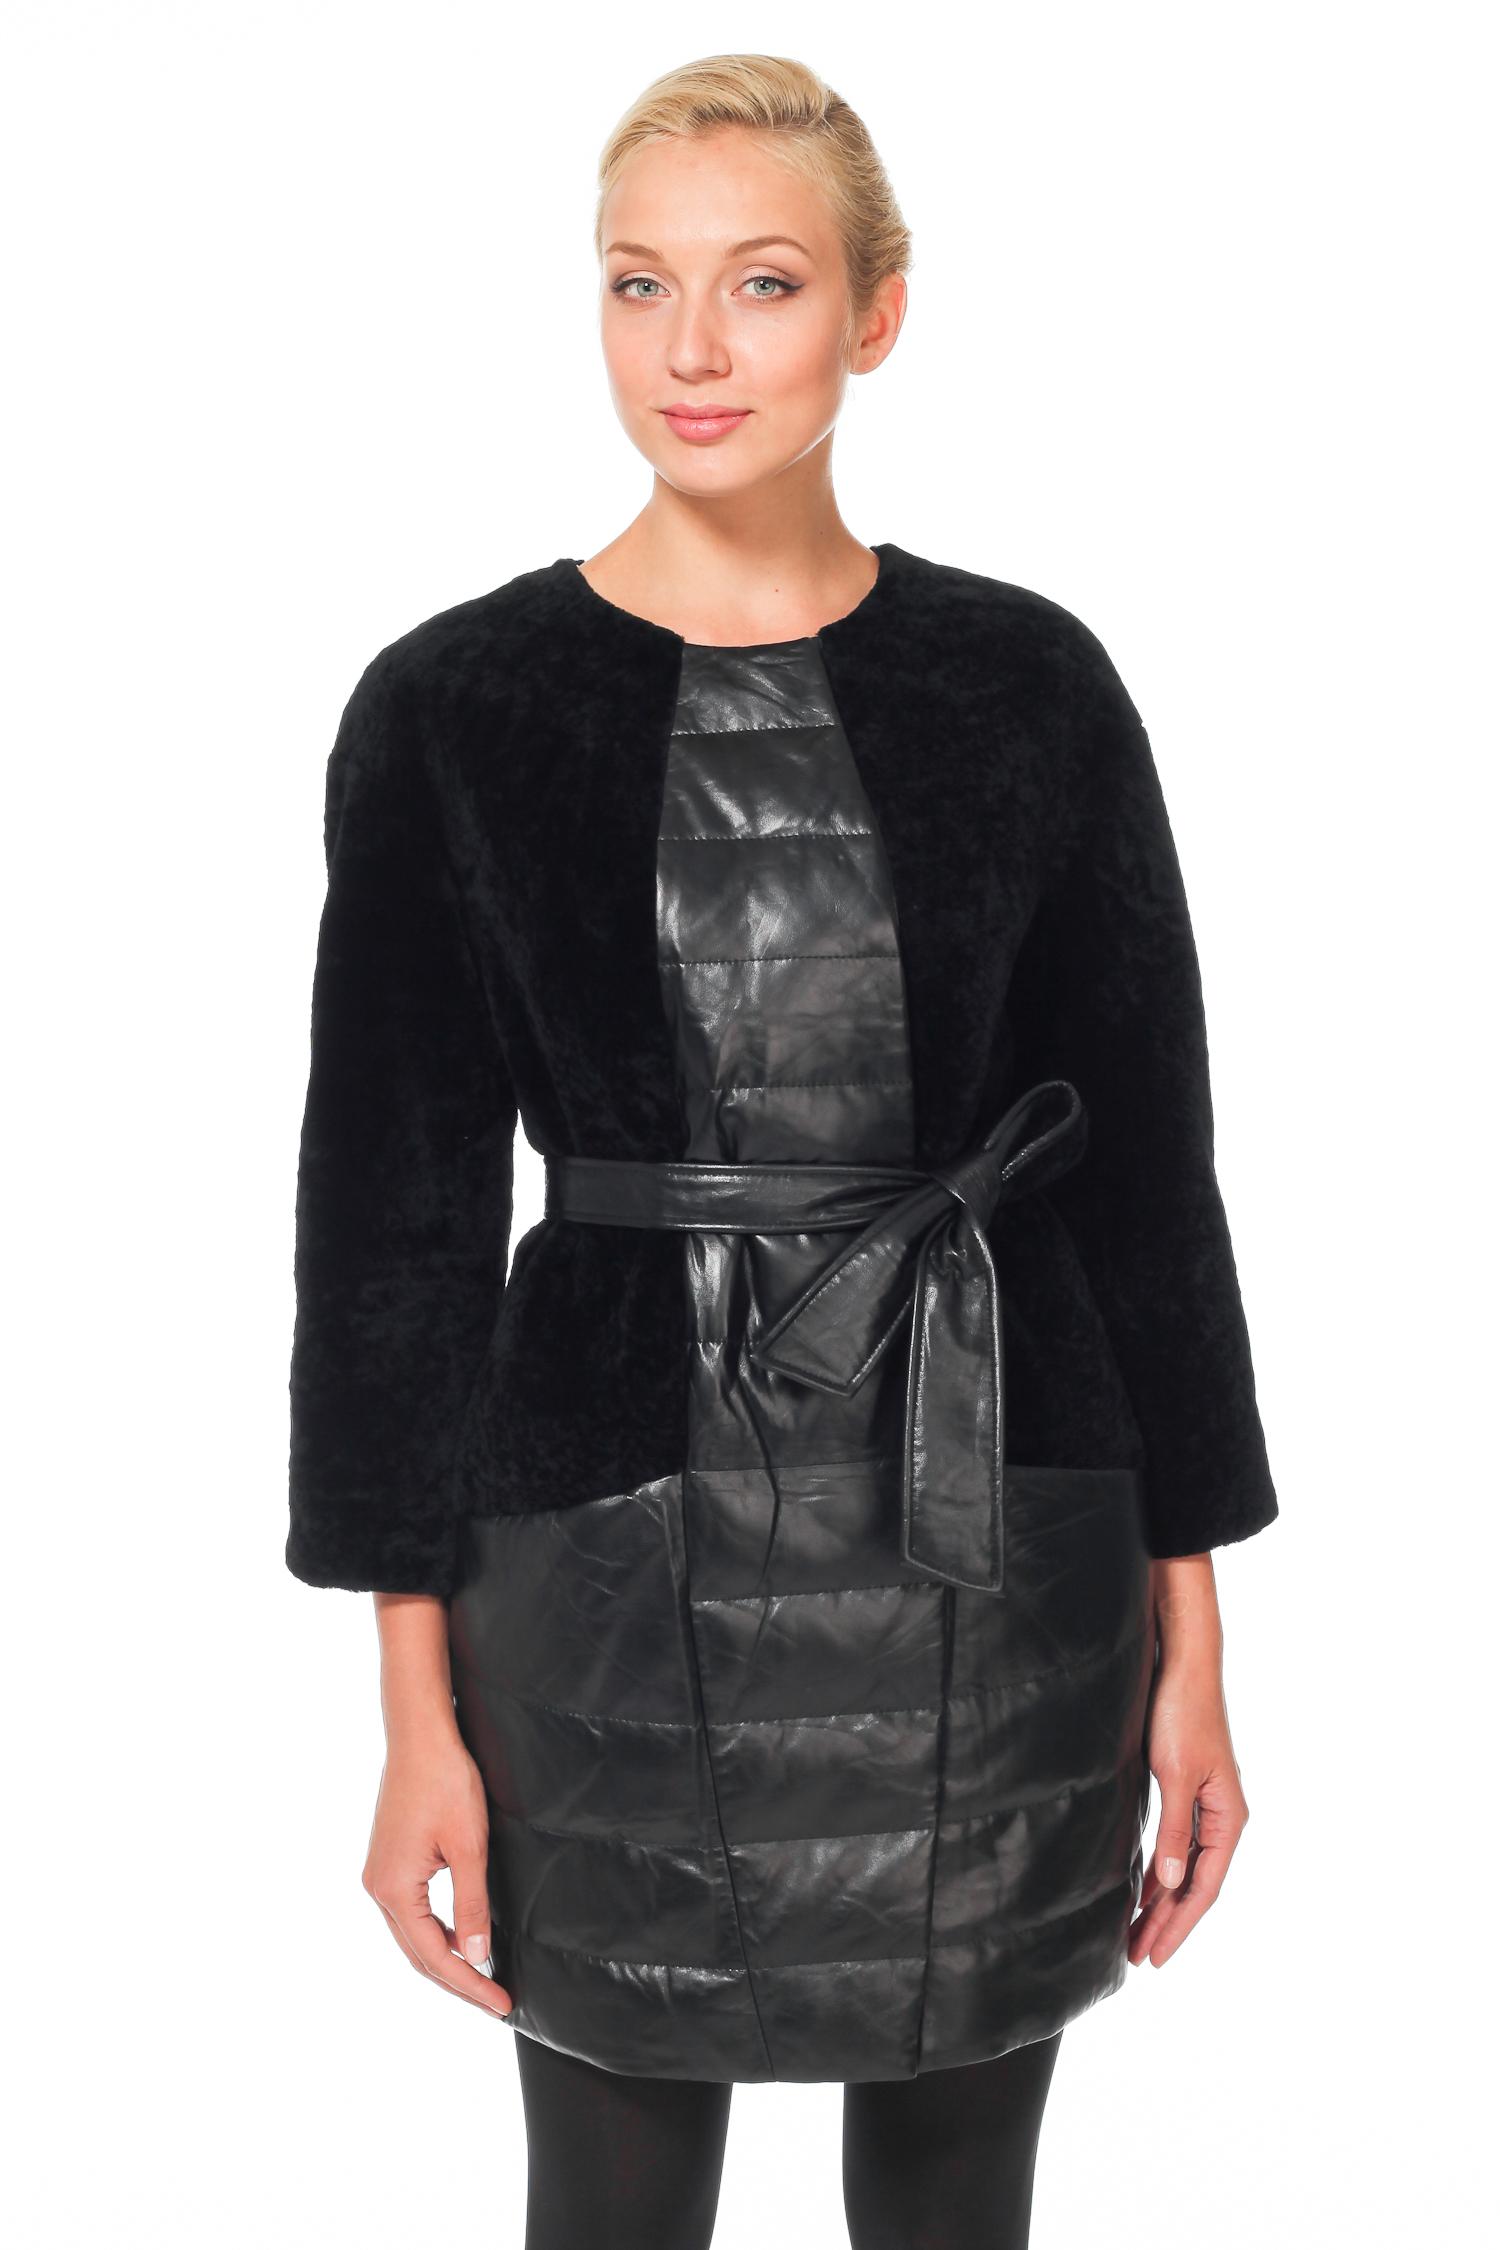 Женское пальто с воротником - астраган/кожа<br><br>Длина см: Длинная (свыше 90)<br>Материал: Астраган<br>Цвет: черный<br>Пол: Женский<br>Размер RU: 50